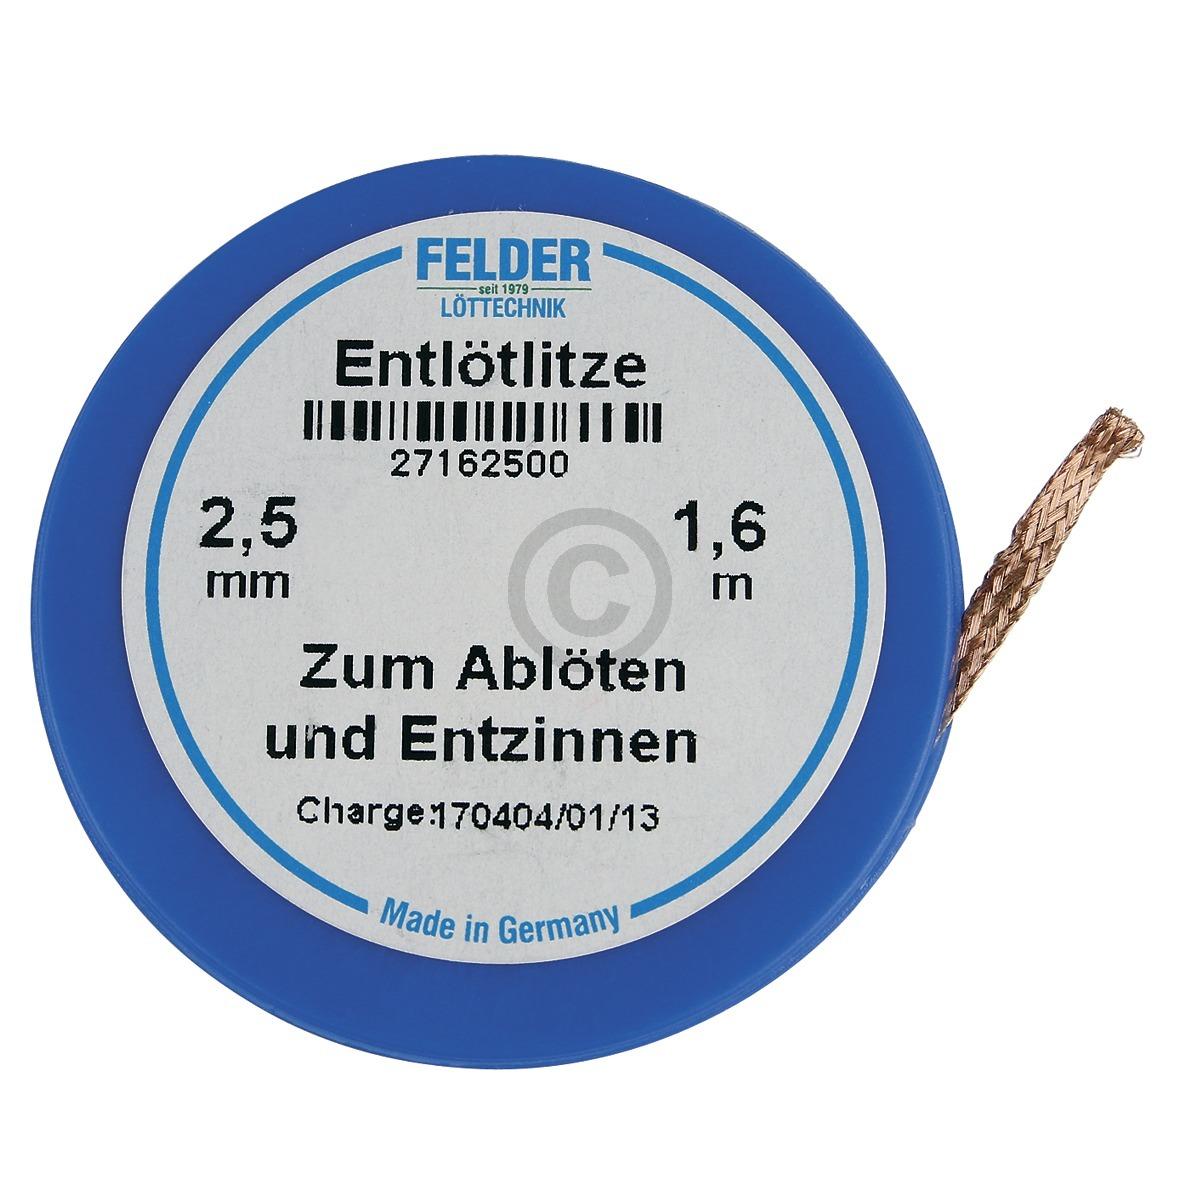 Entlötlitze 2,5mmØ 1,6m Rolle Felder 27162500